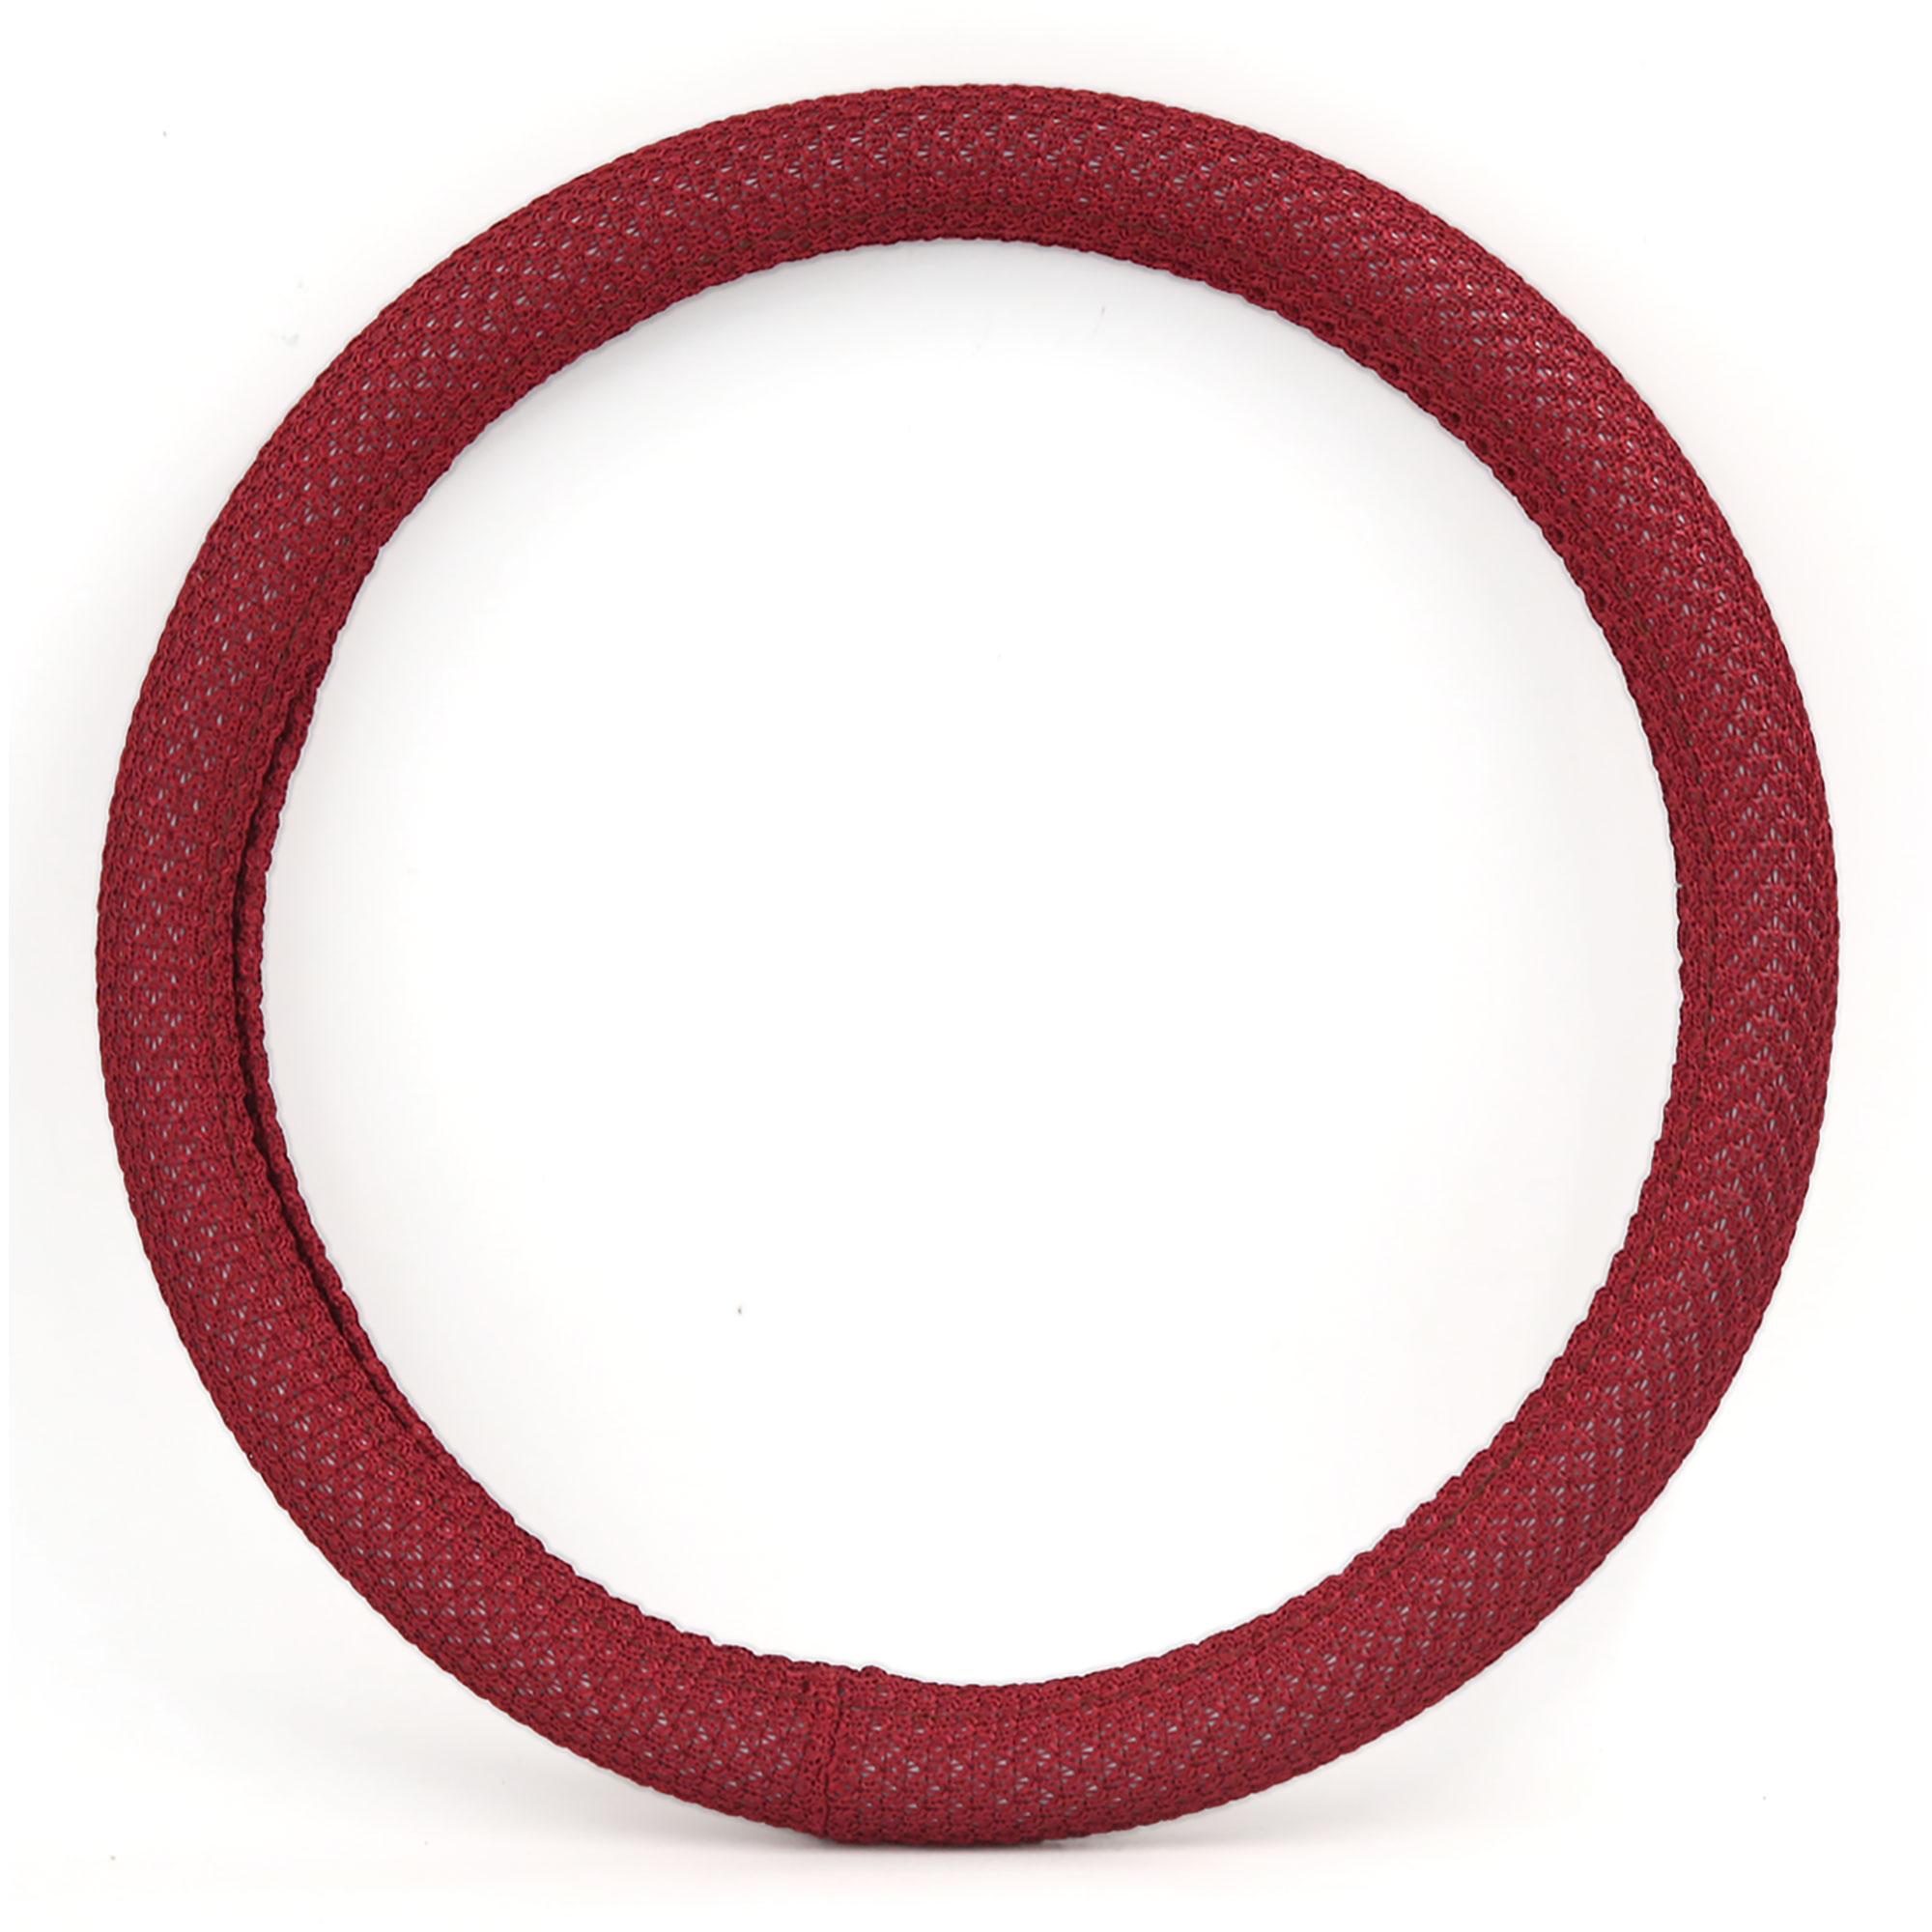 35cm Outer 30cm Inner Dia Odorless Antislip Comfortable Steering Wheel Cover Red for Car